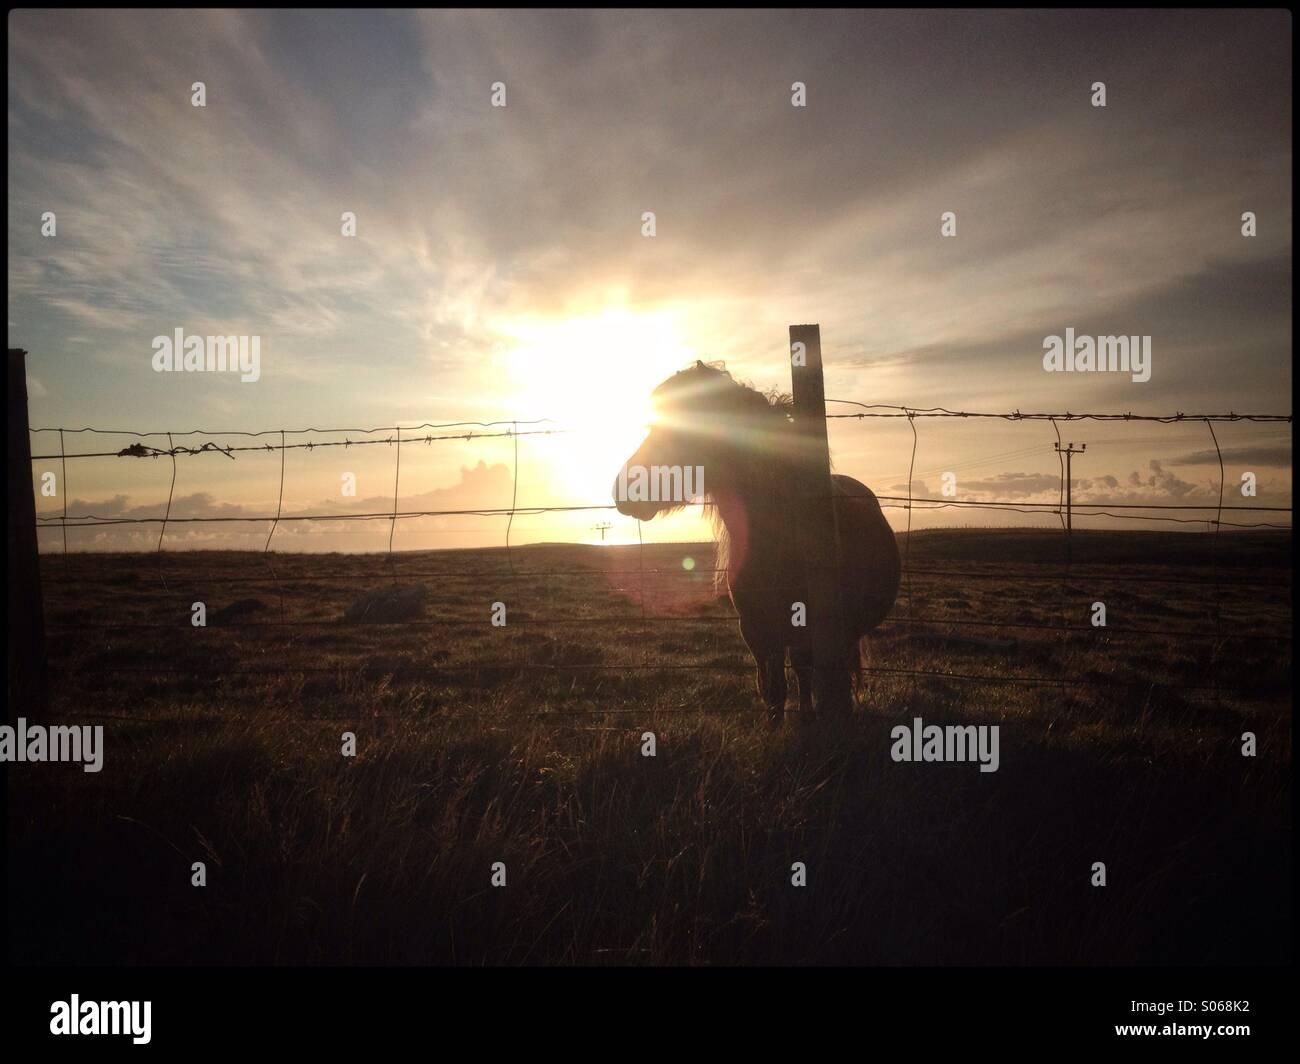 Shetland Pony behind fence in Shetland. Lee Ramsden / ALAMY - Stock Image